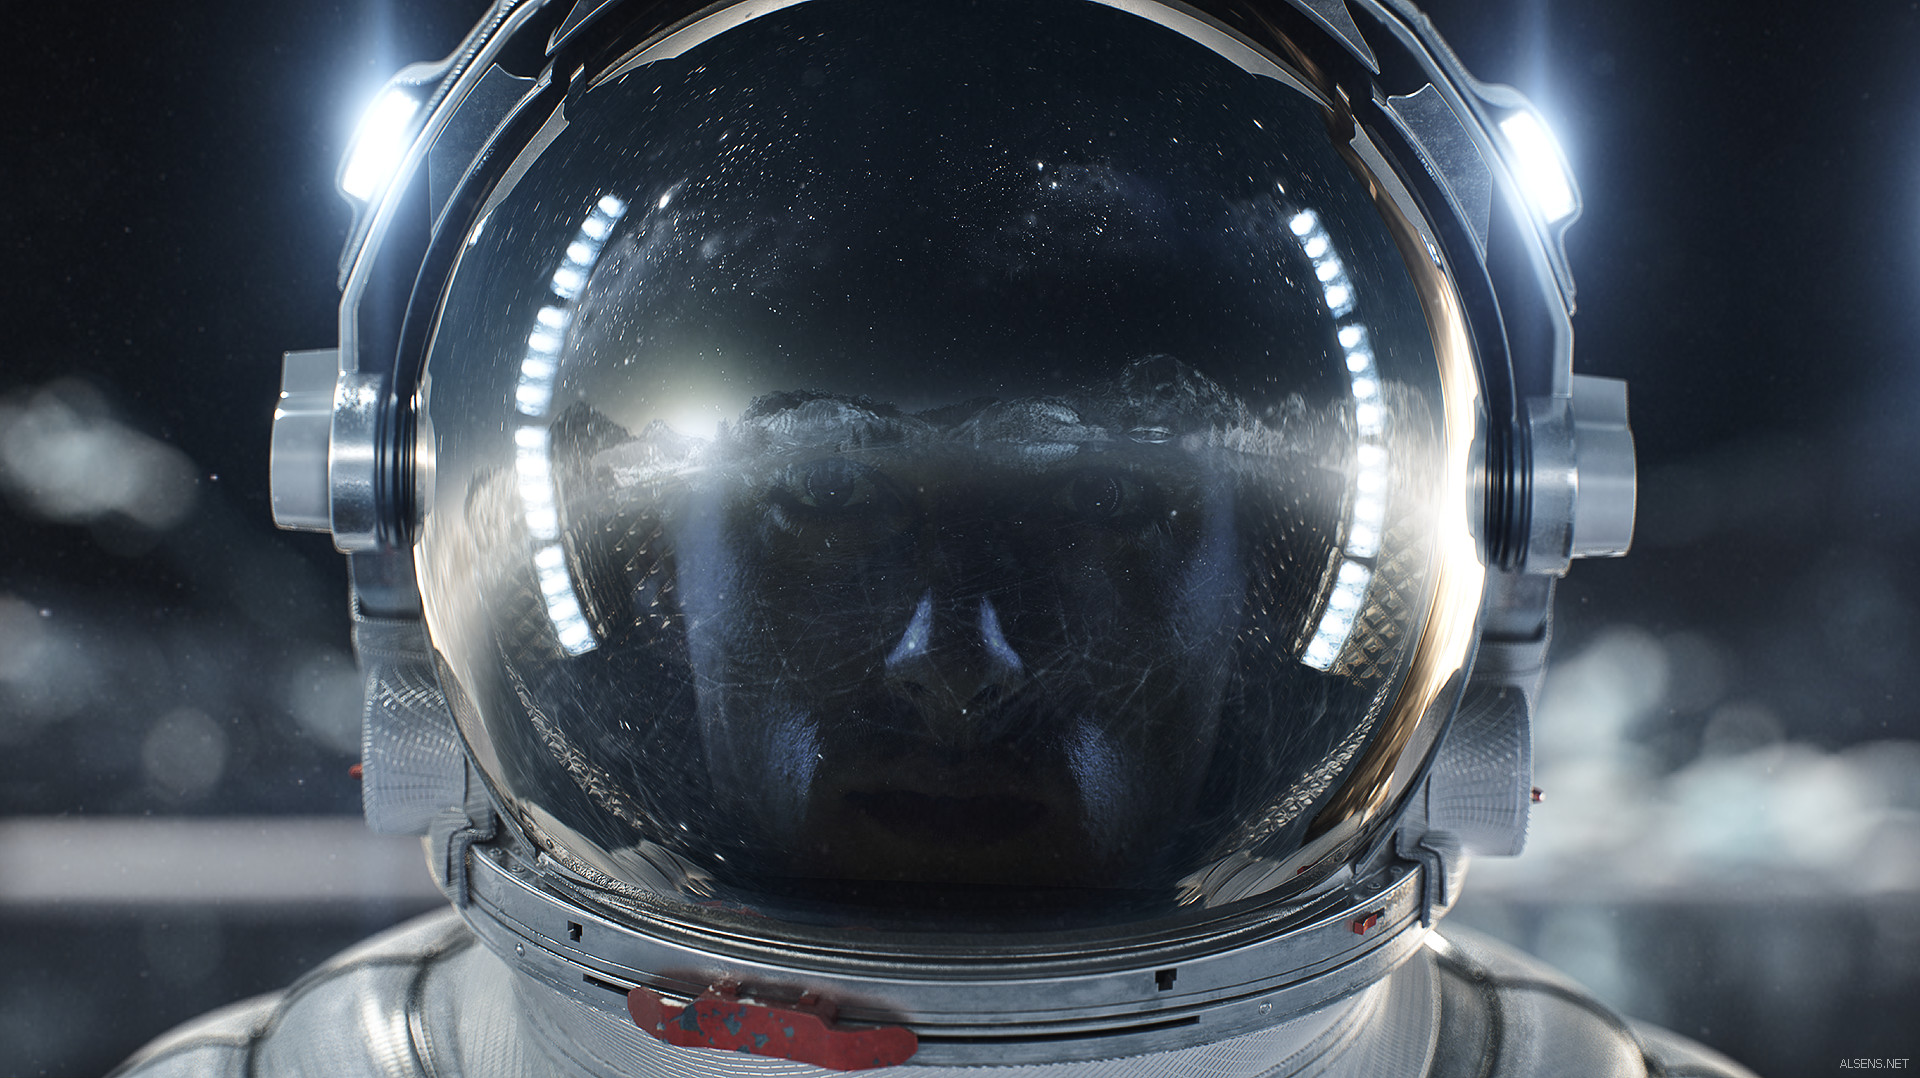 Artstation Vancouver Olympic Games Opening Id Spaceman Lookdev Serge Aleynikov Spaceman Astronaut 3d Artist